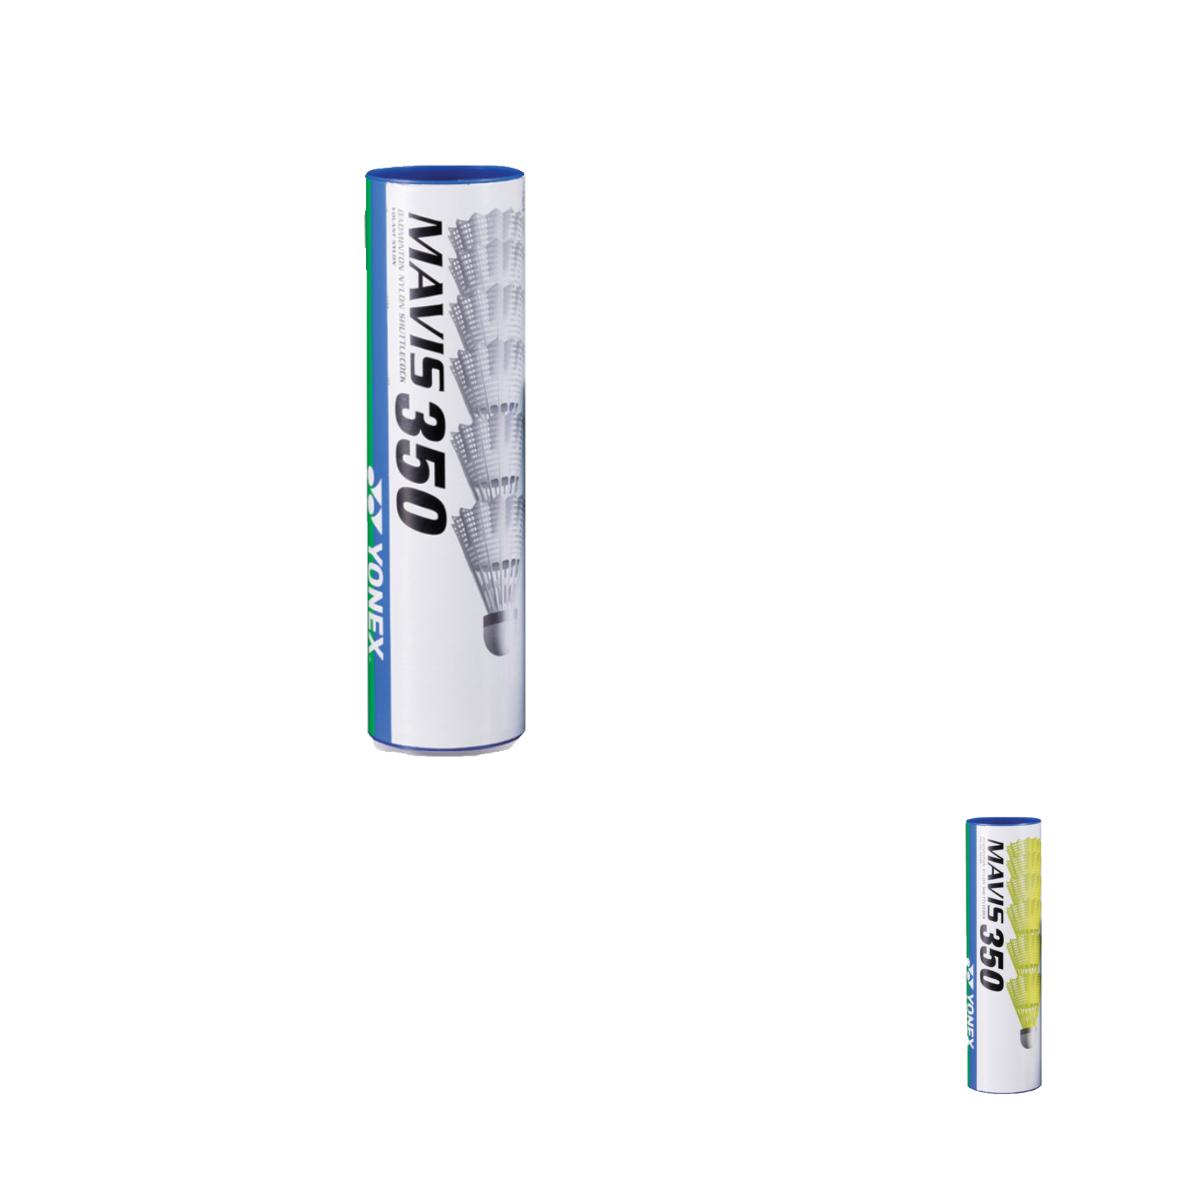 MAVIS-350, Nylonball